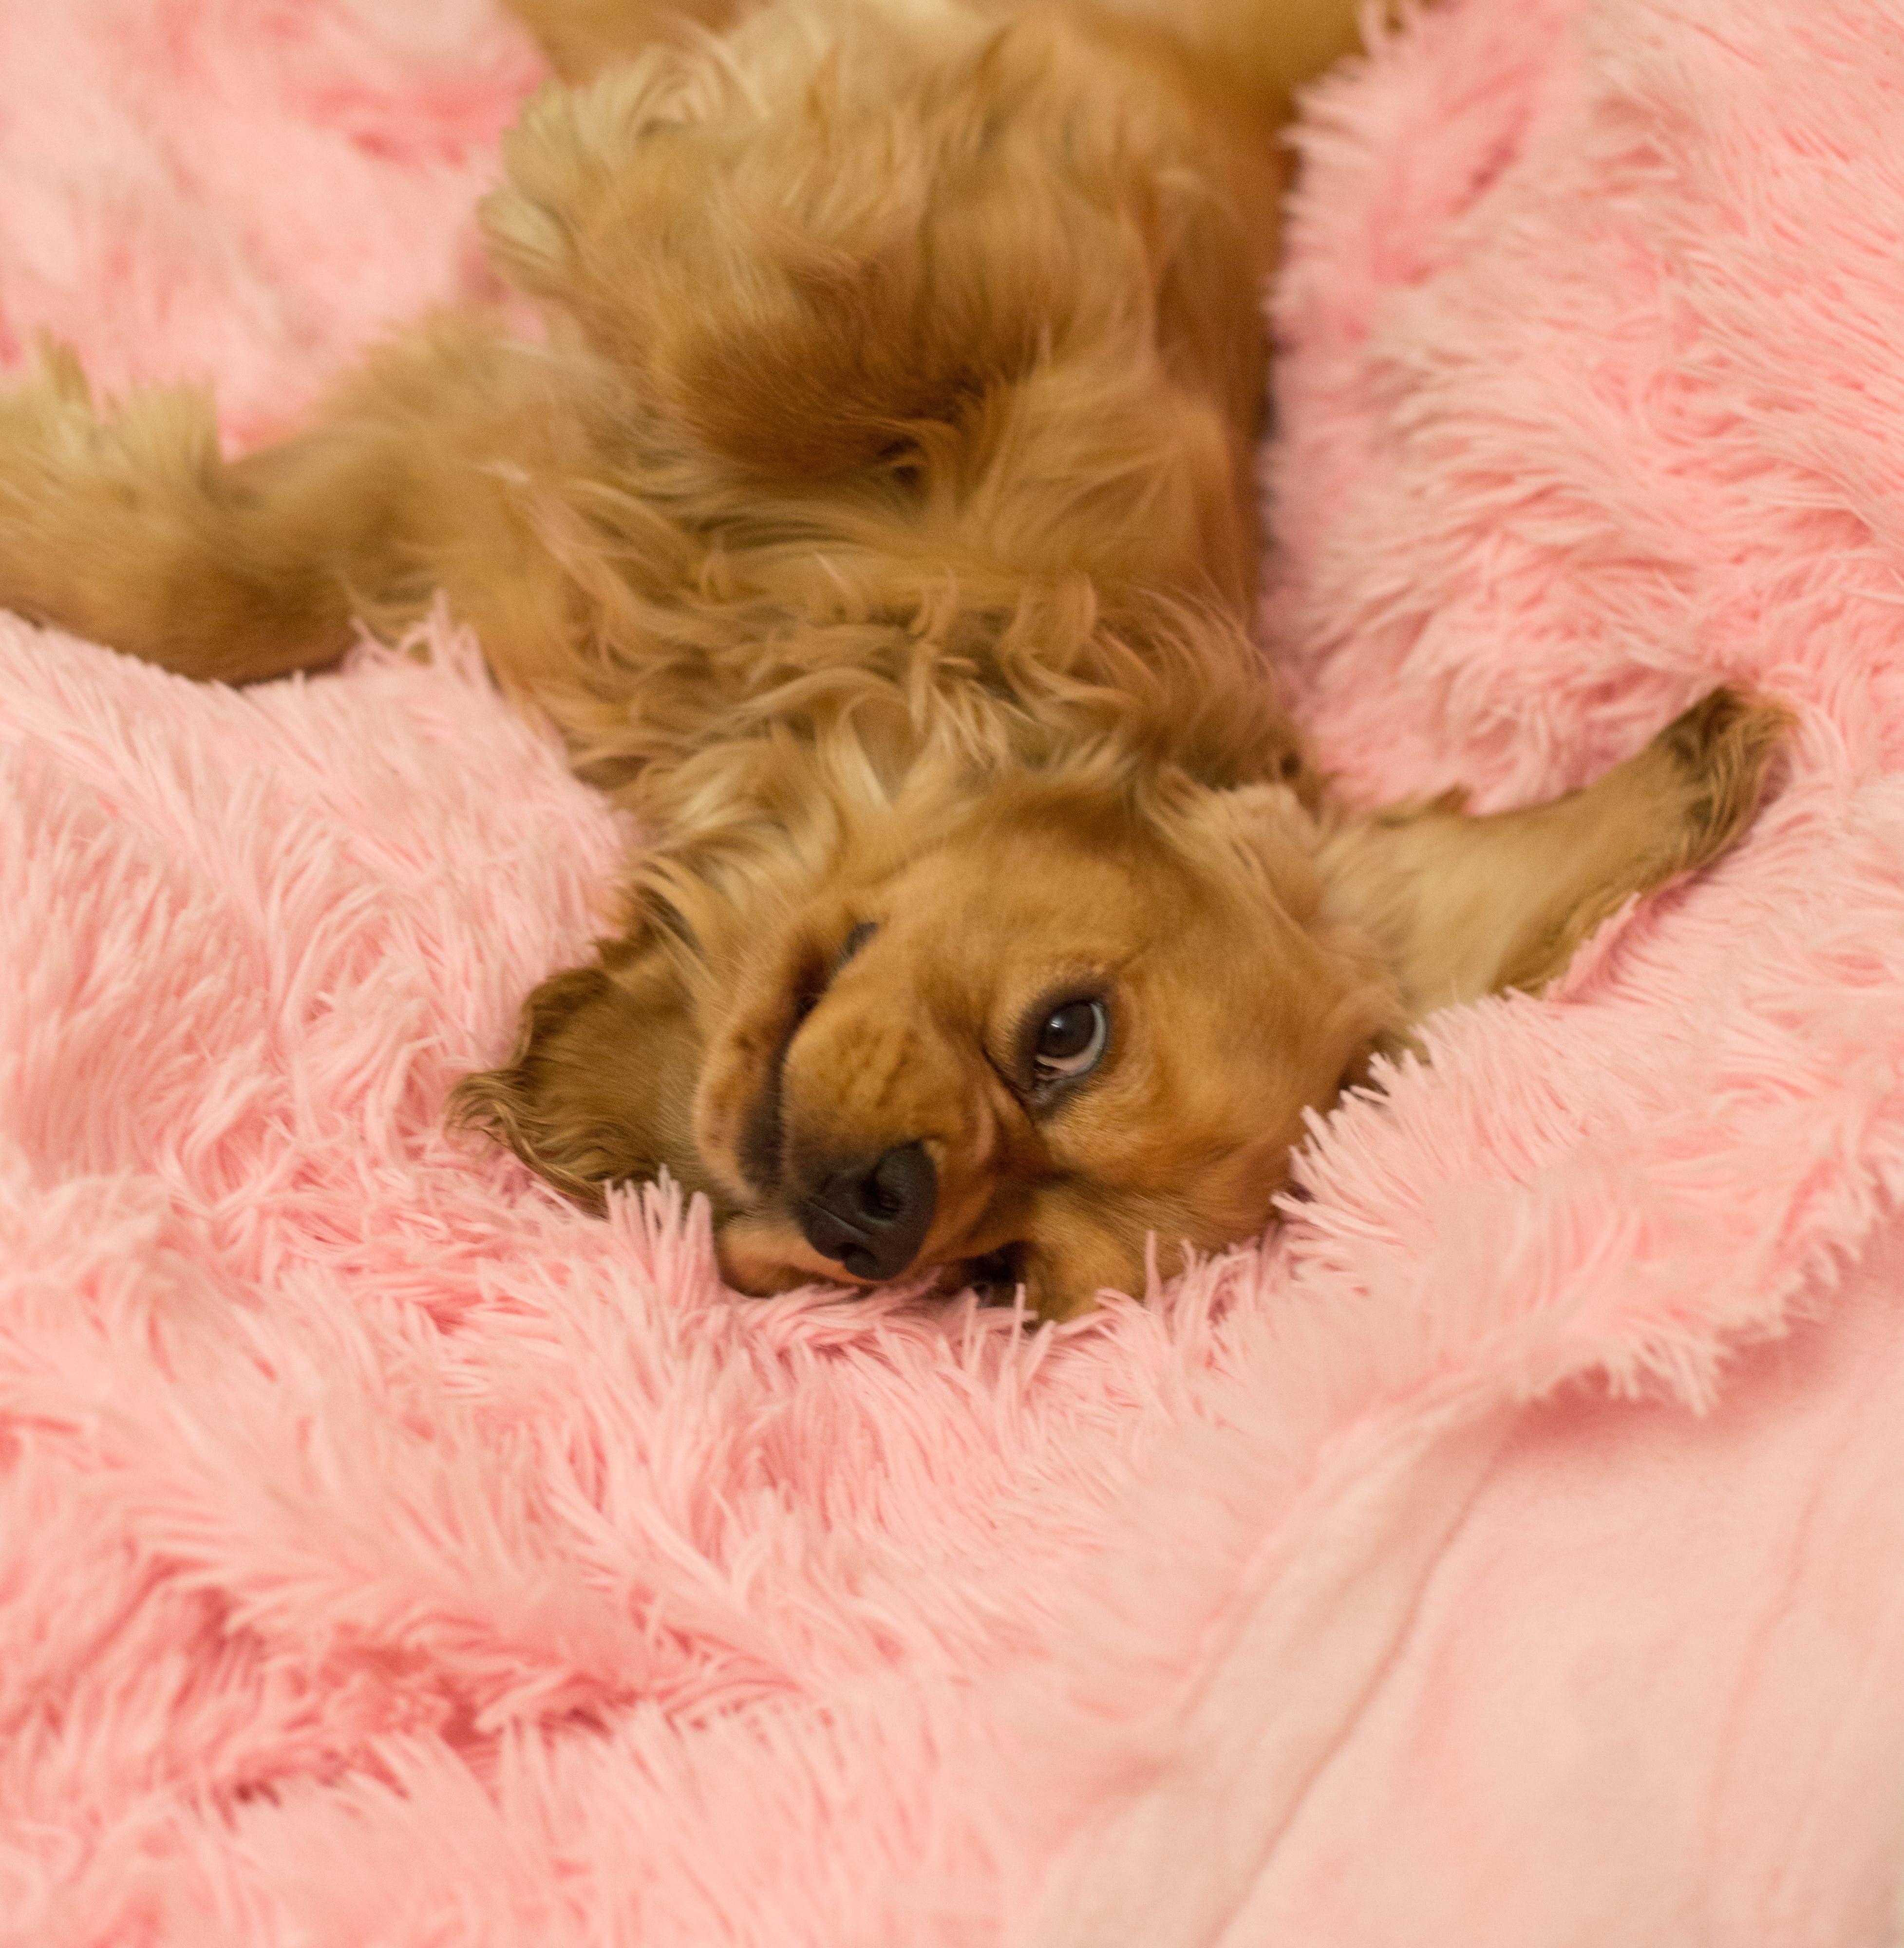 Dog Lying on Fur Cushion